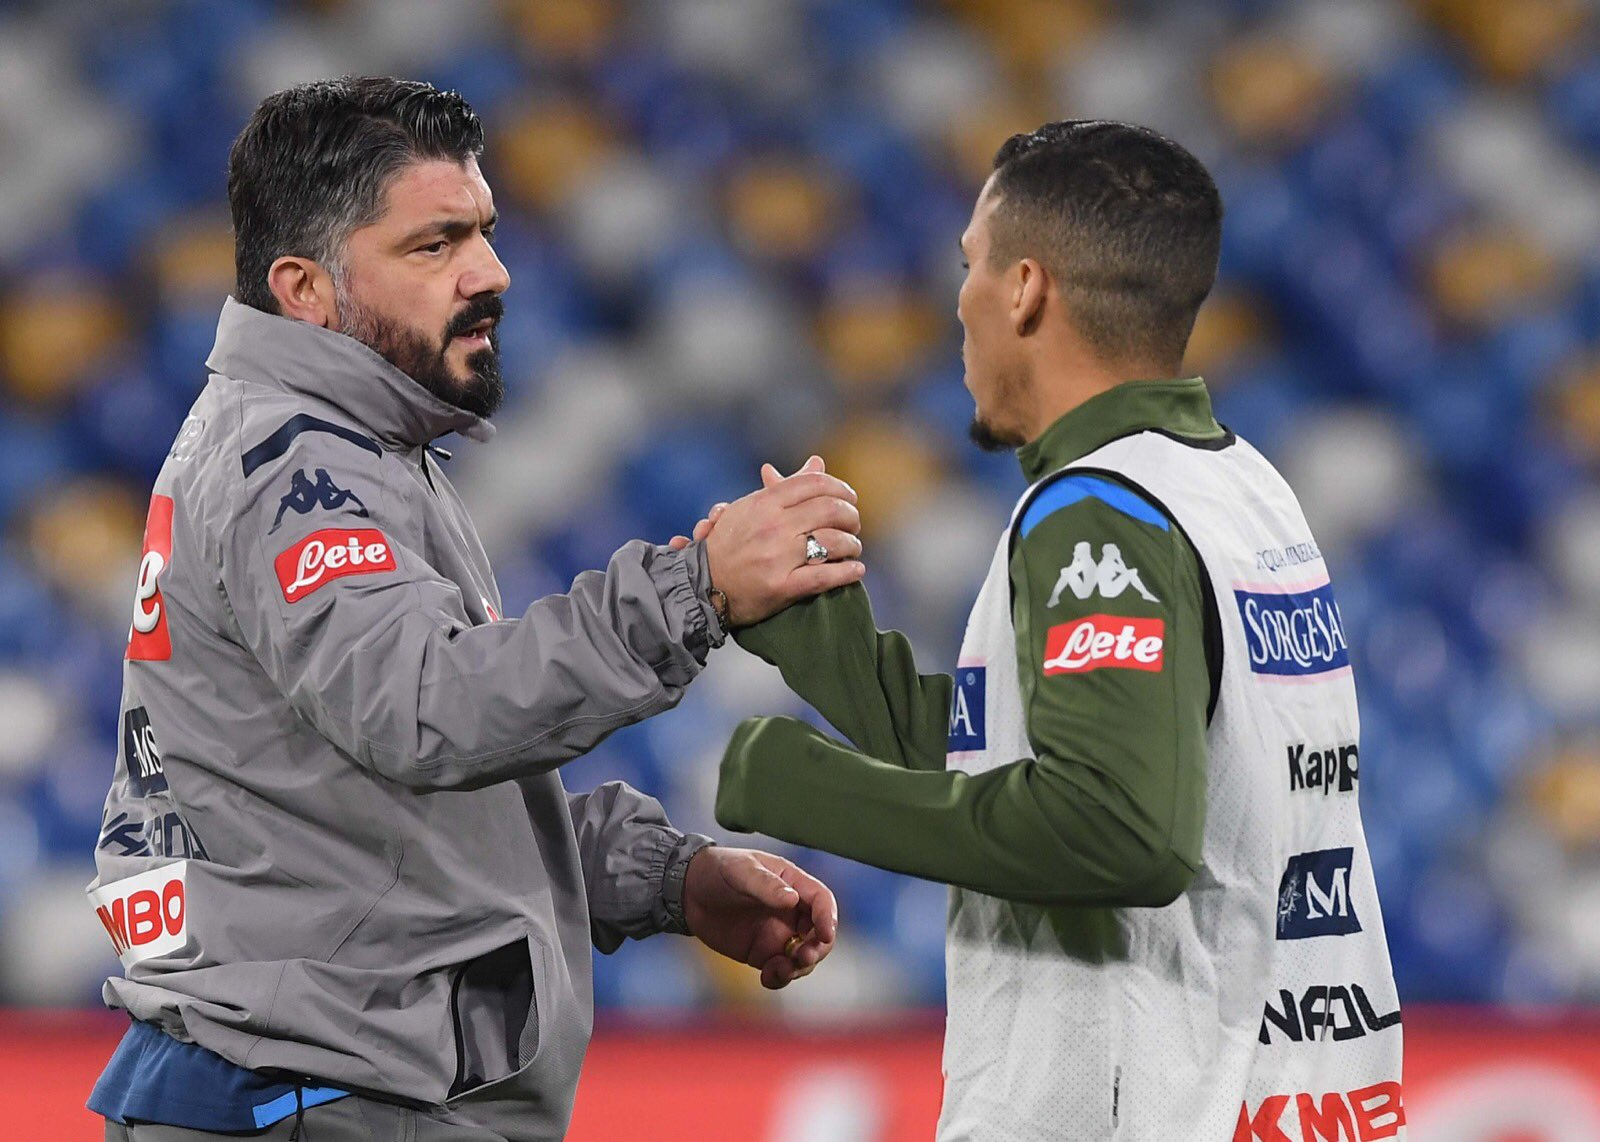 Napoli-Parma 0-1 al 45esimo. Inizio horror, poi meglio. Palo di Gervinho